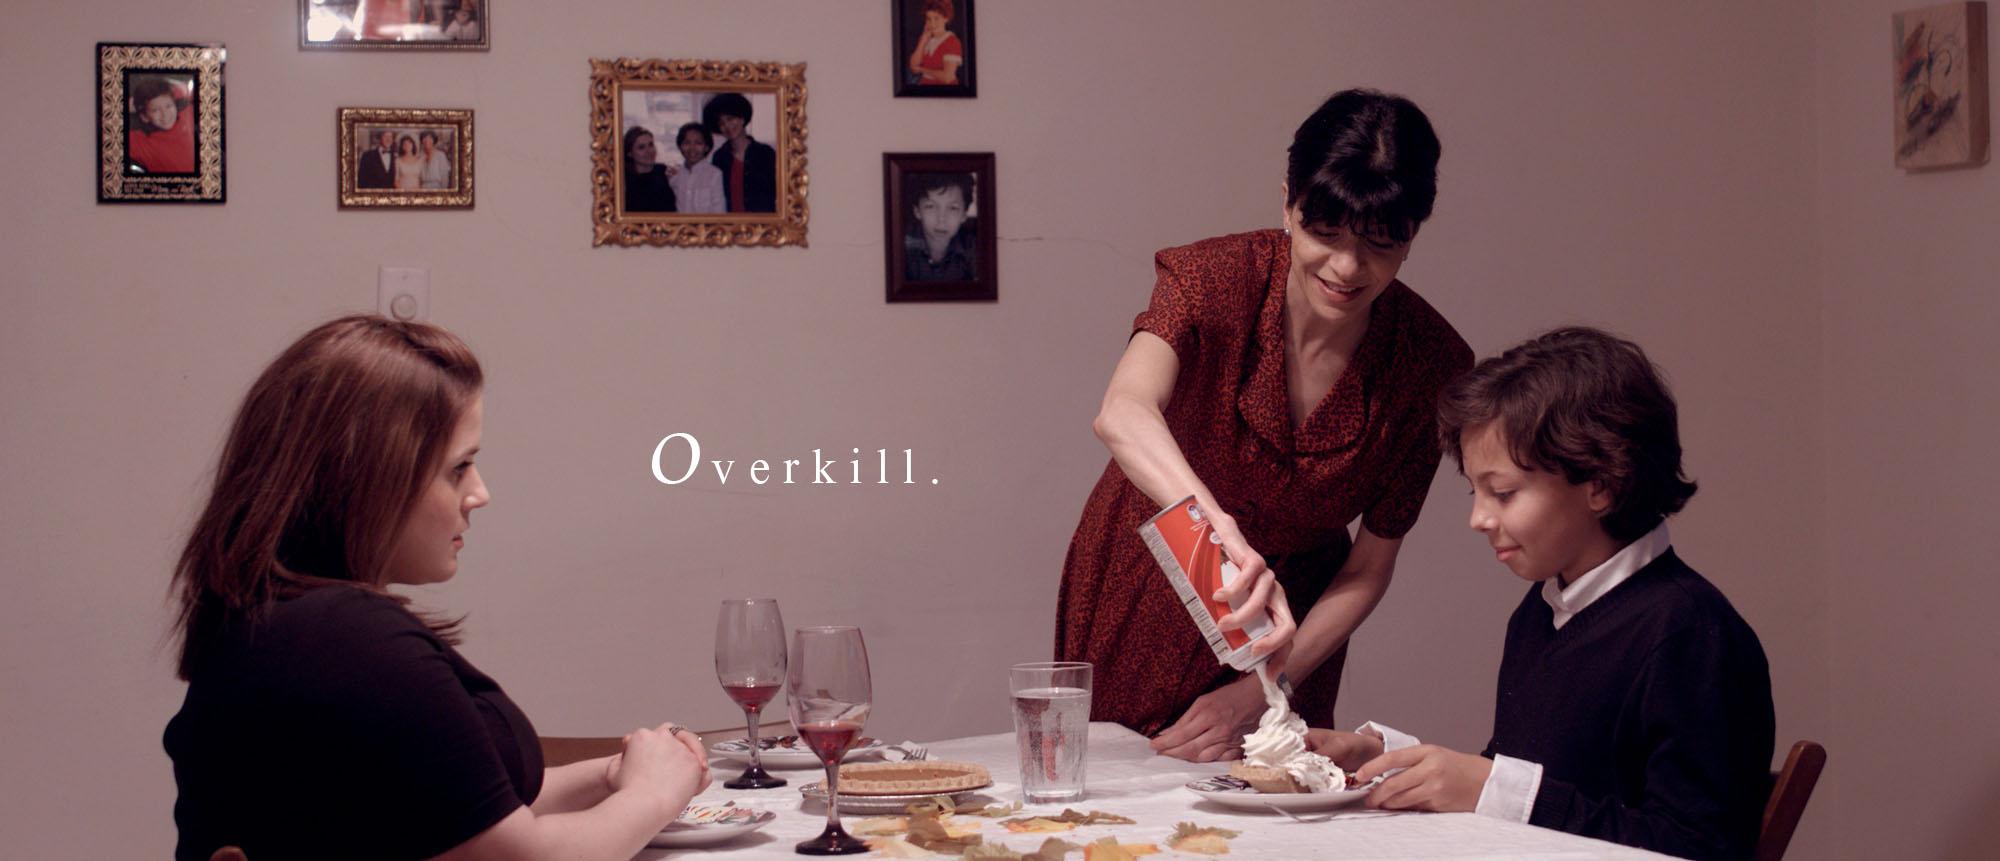 Over Dinner